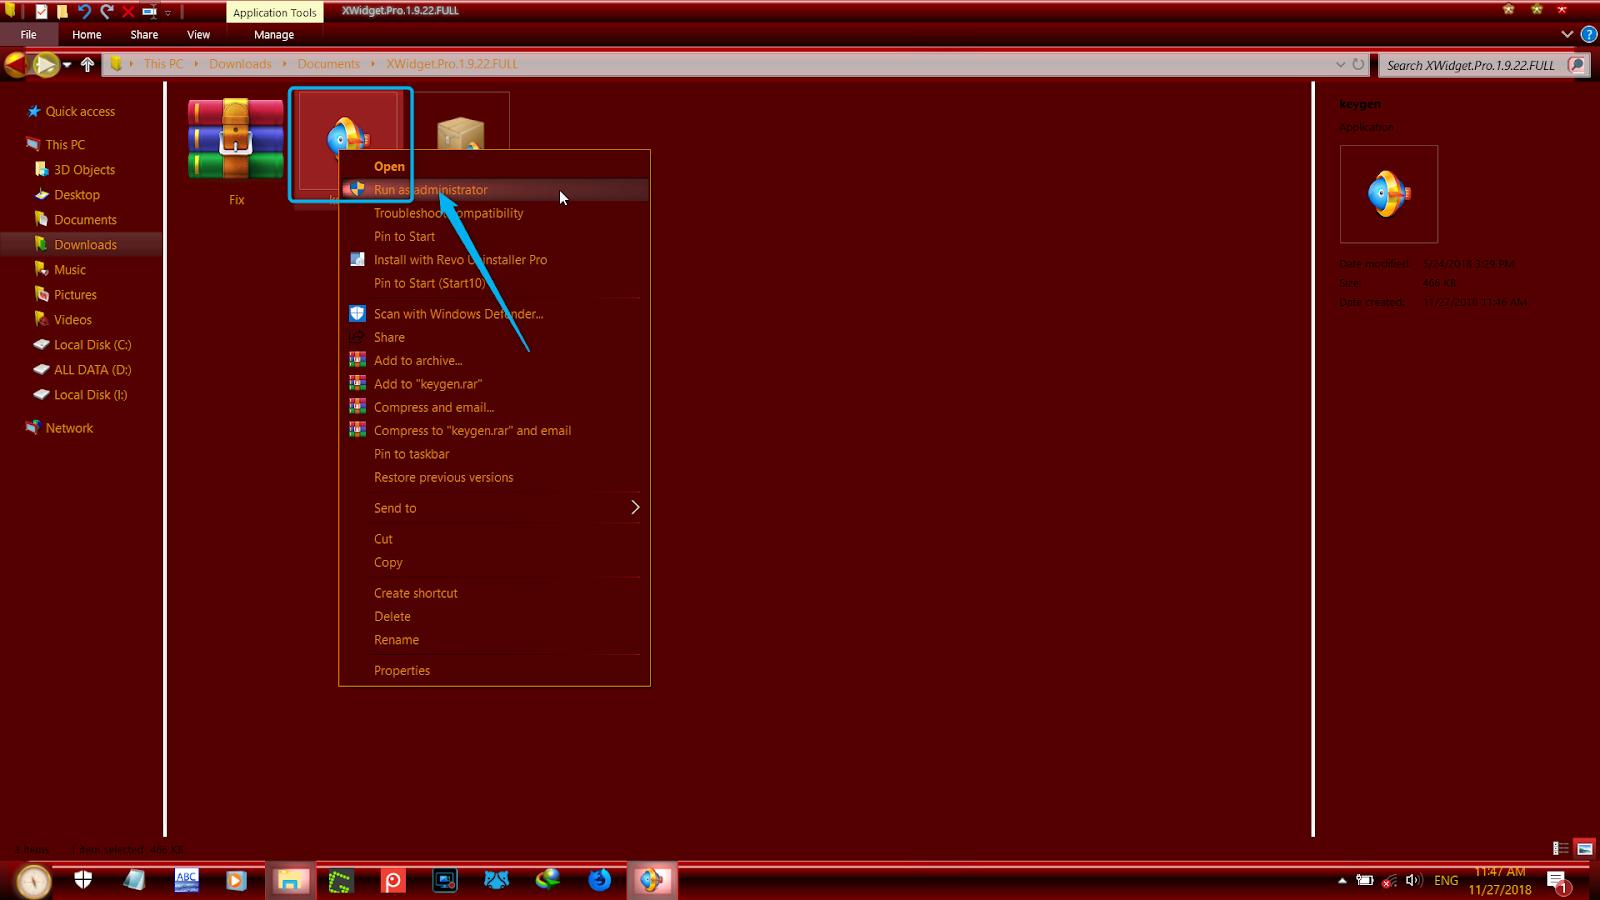 download xwidget apk